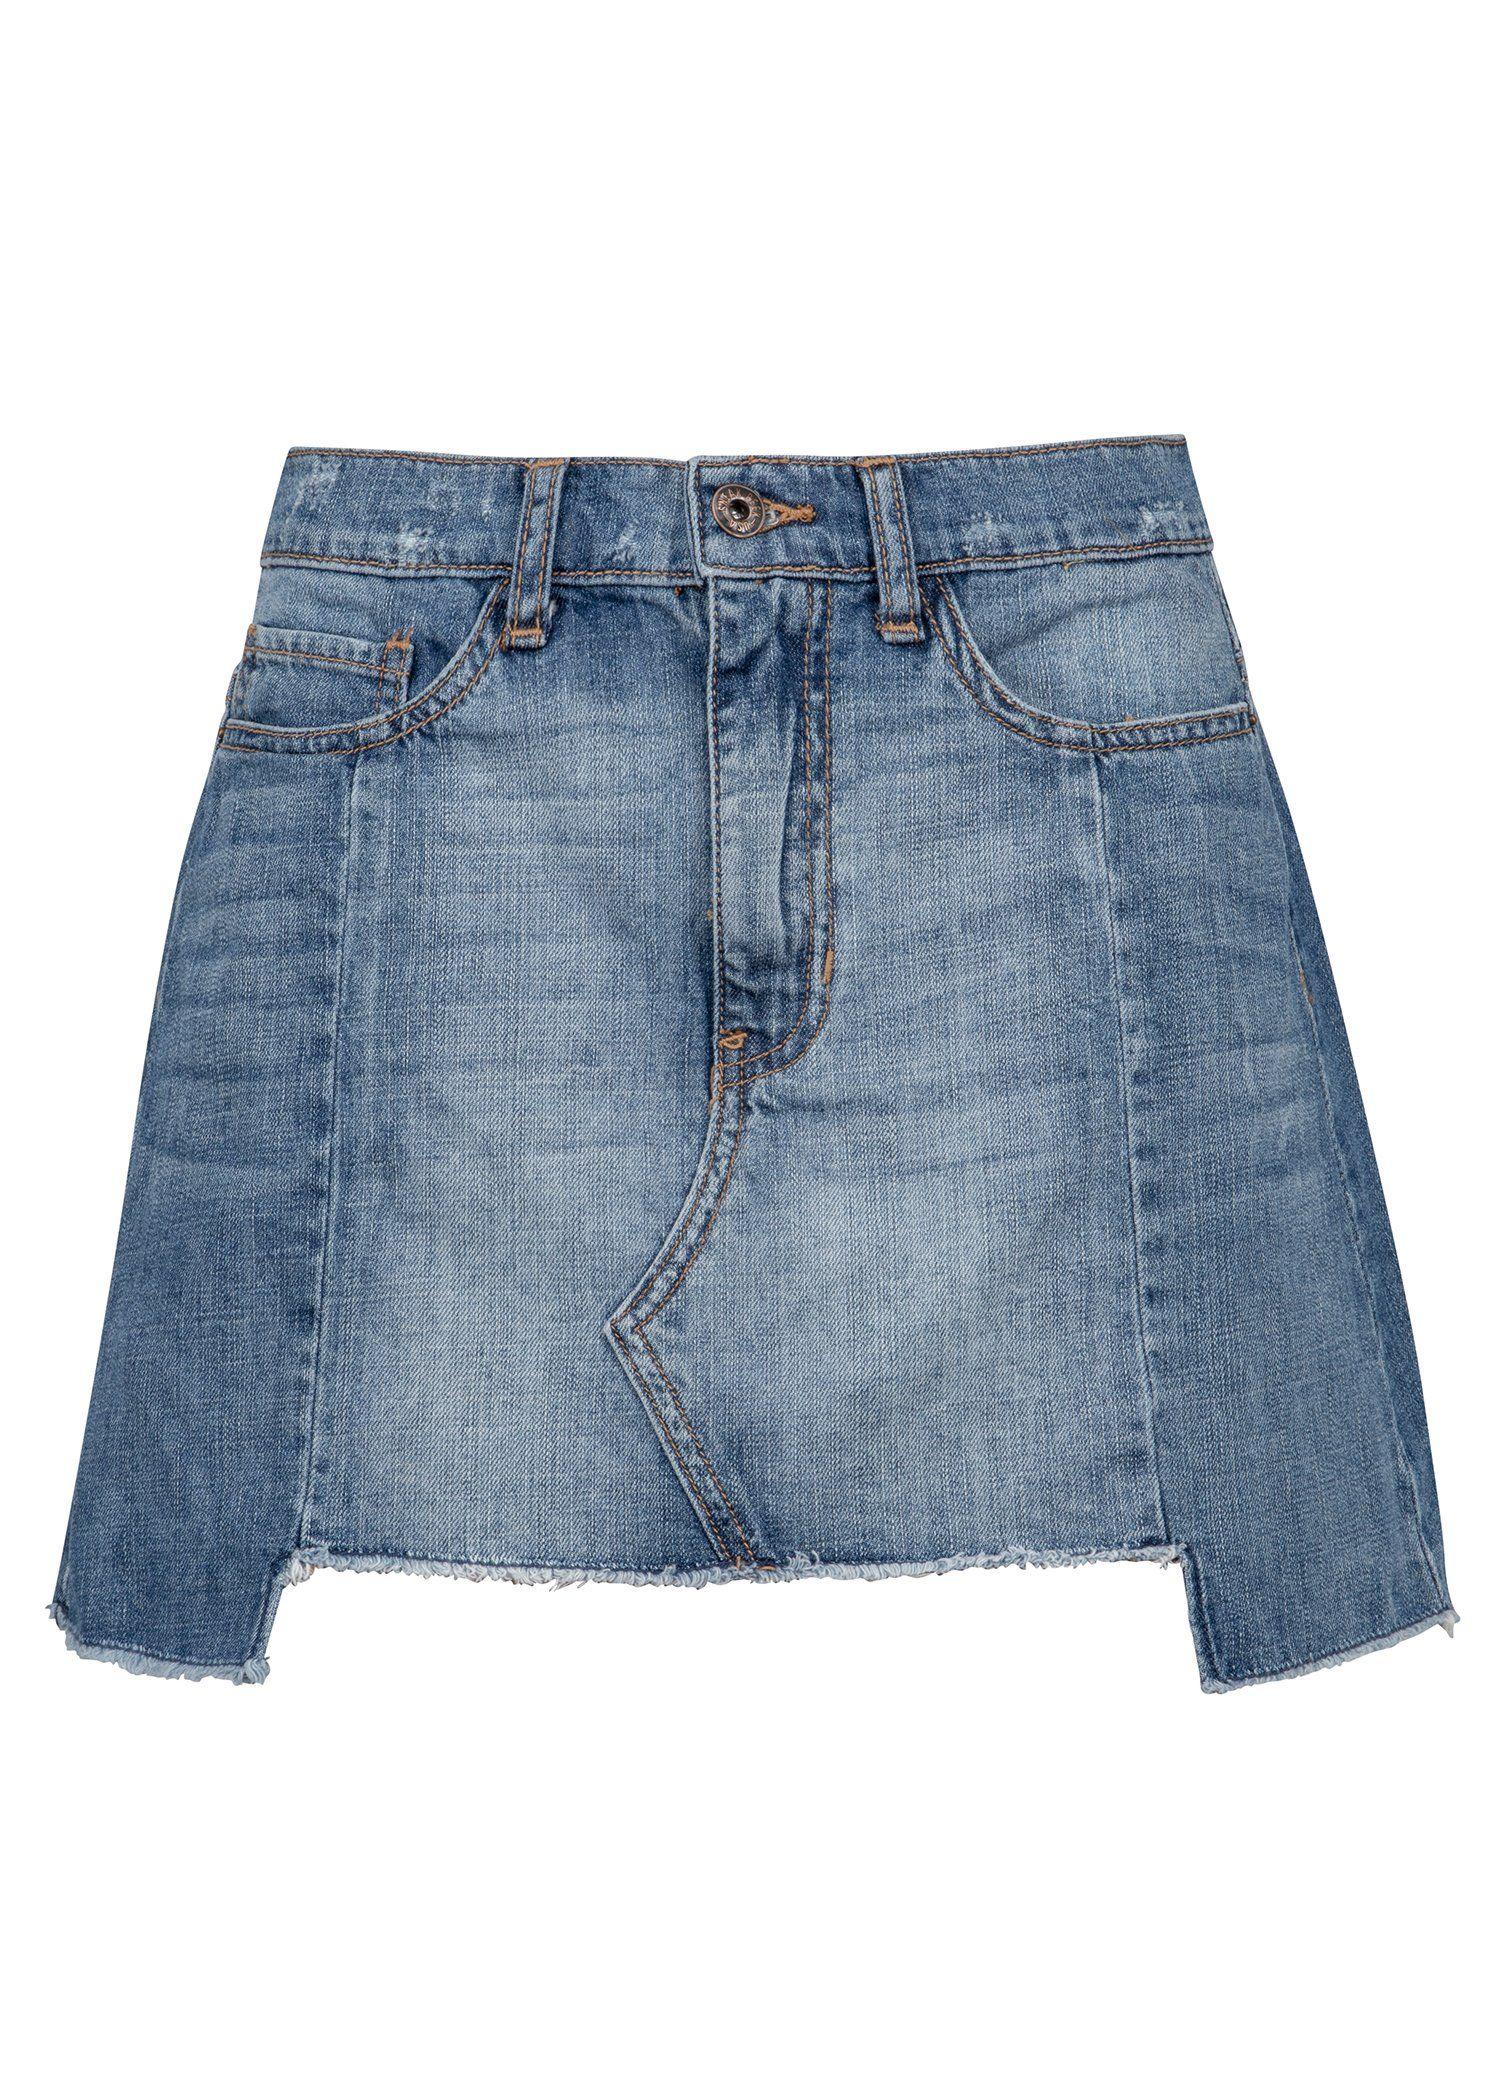 34015b952db305 Blue Denim Jeans Distressed Mini Skirt | Upcyclingmode - aus Alt ...